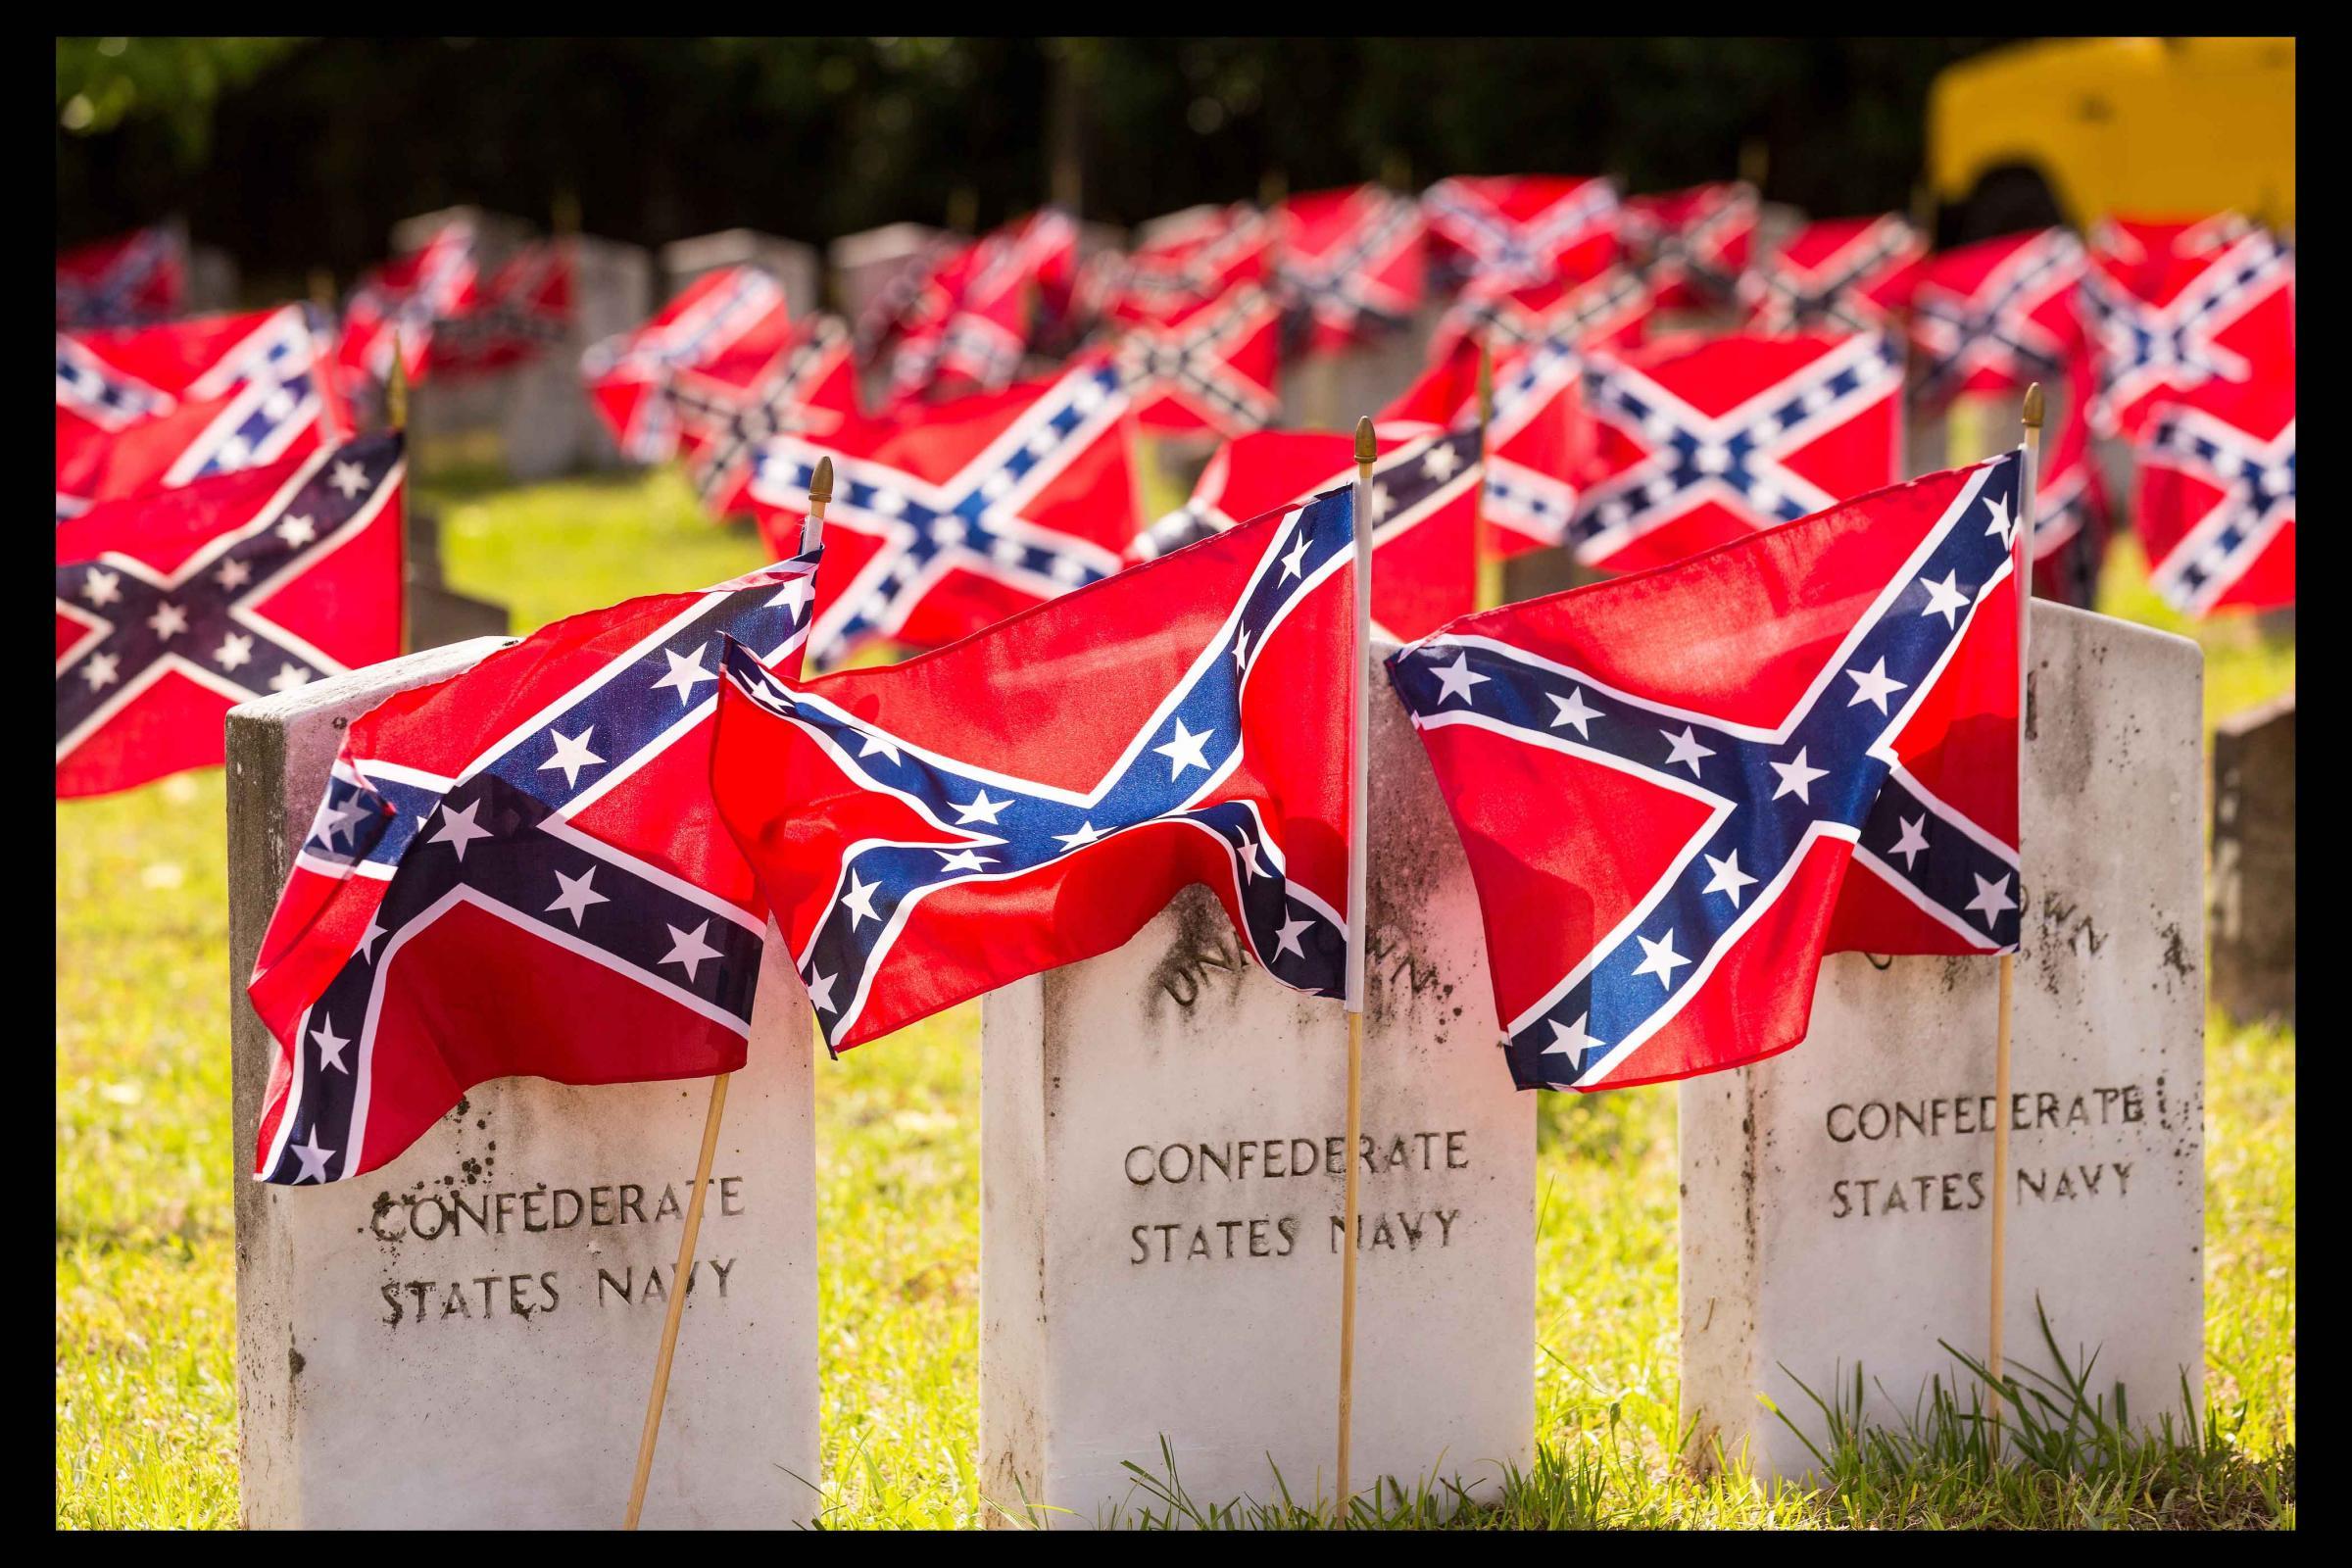 Confederate Flag Controversy Portfolio LaPresse